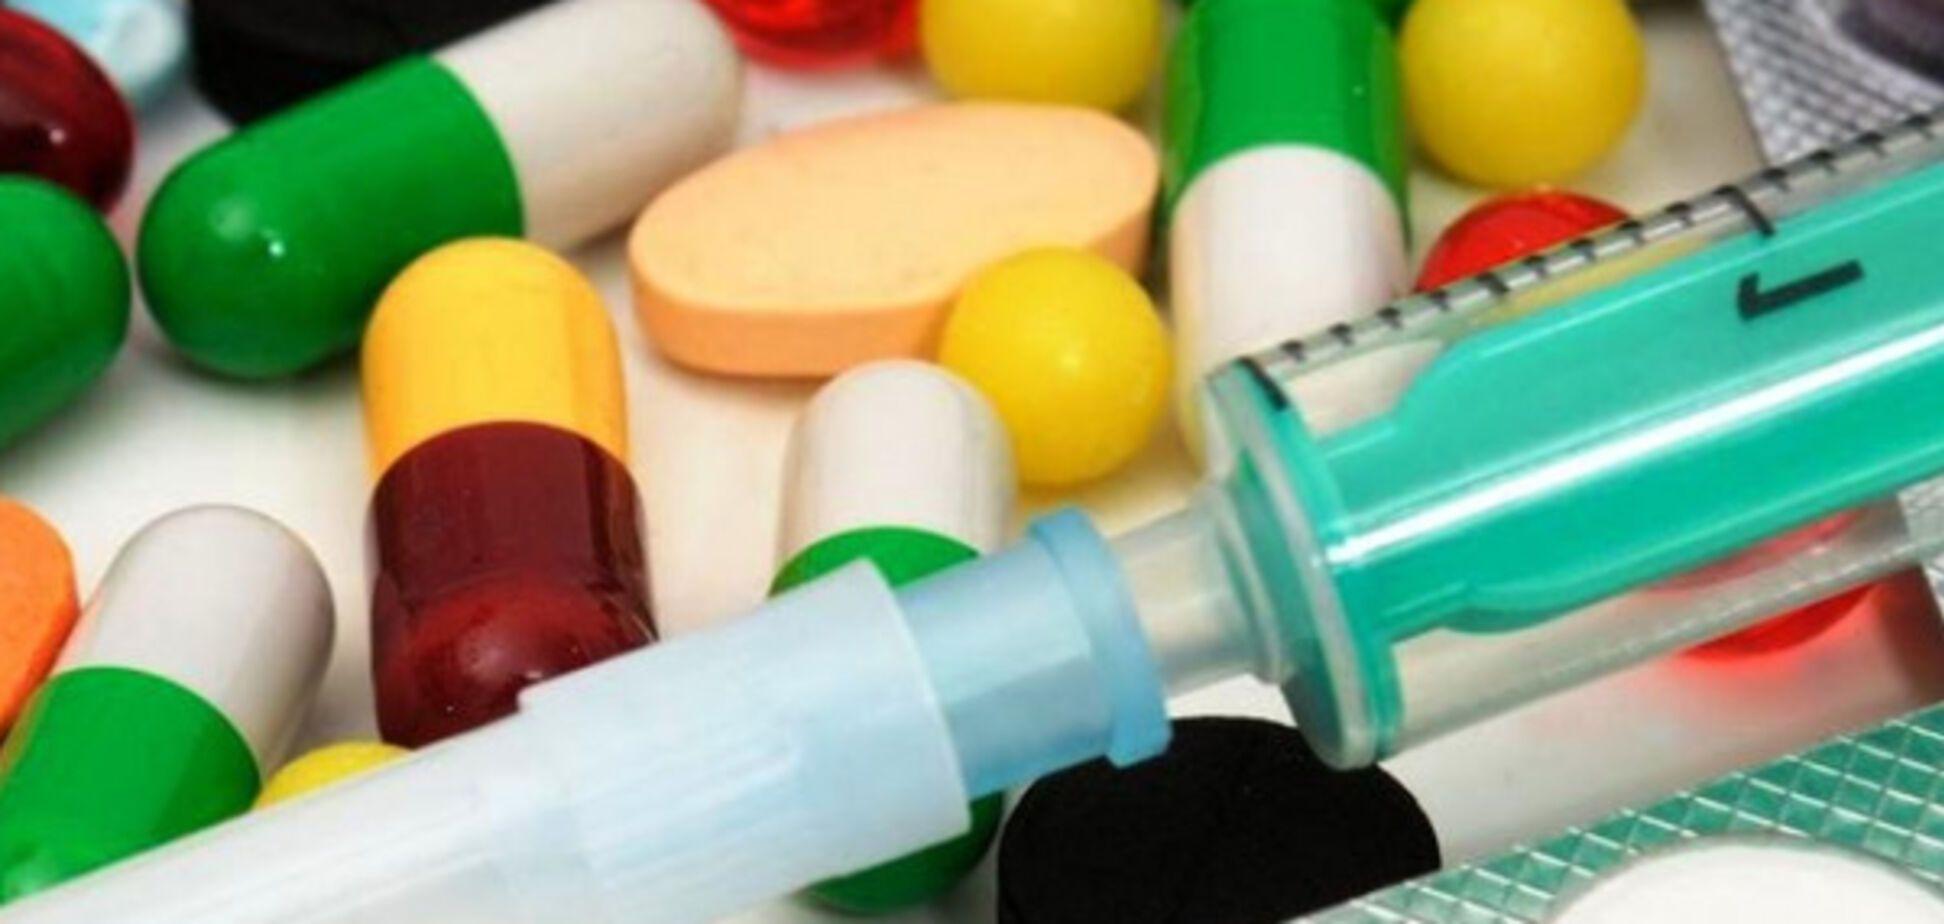 МОЗ почало міжнародні закупівлі ліків на суму 5,9 млрд гривень